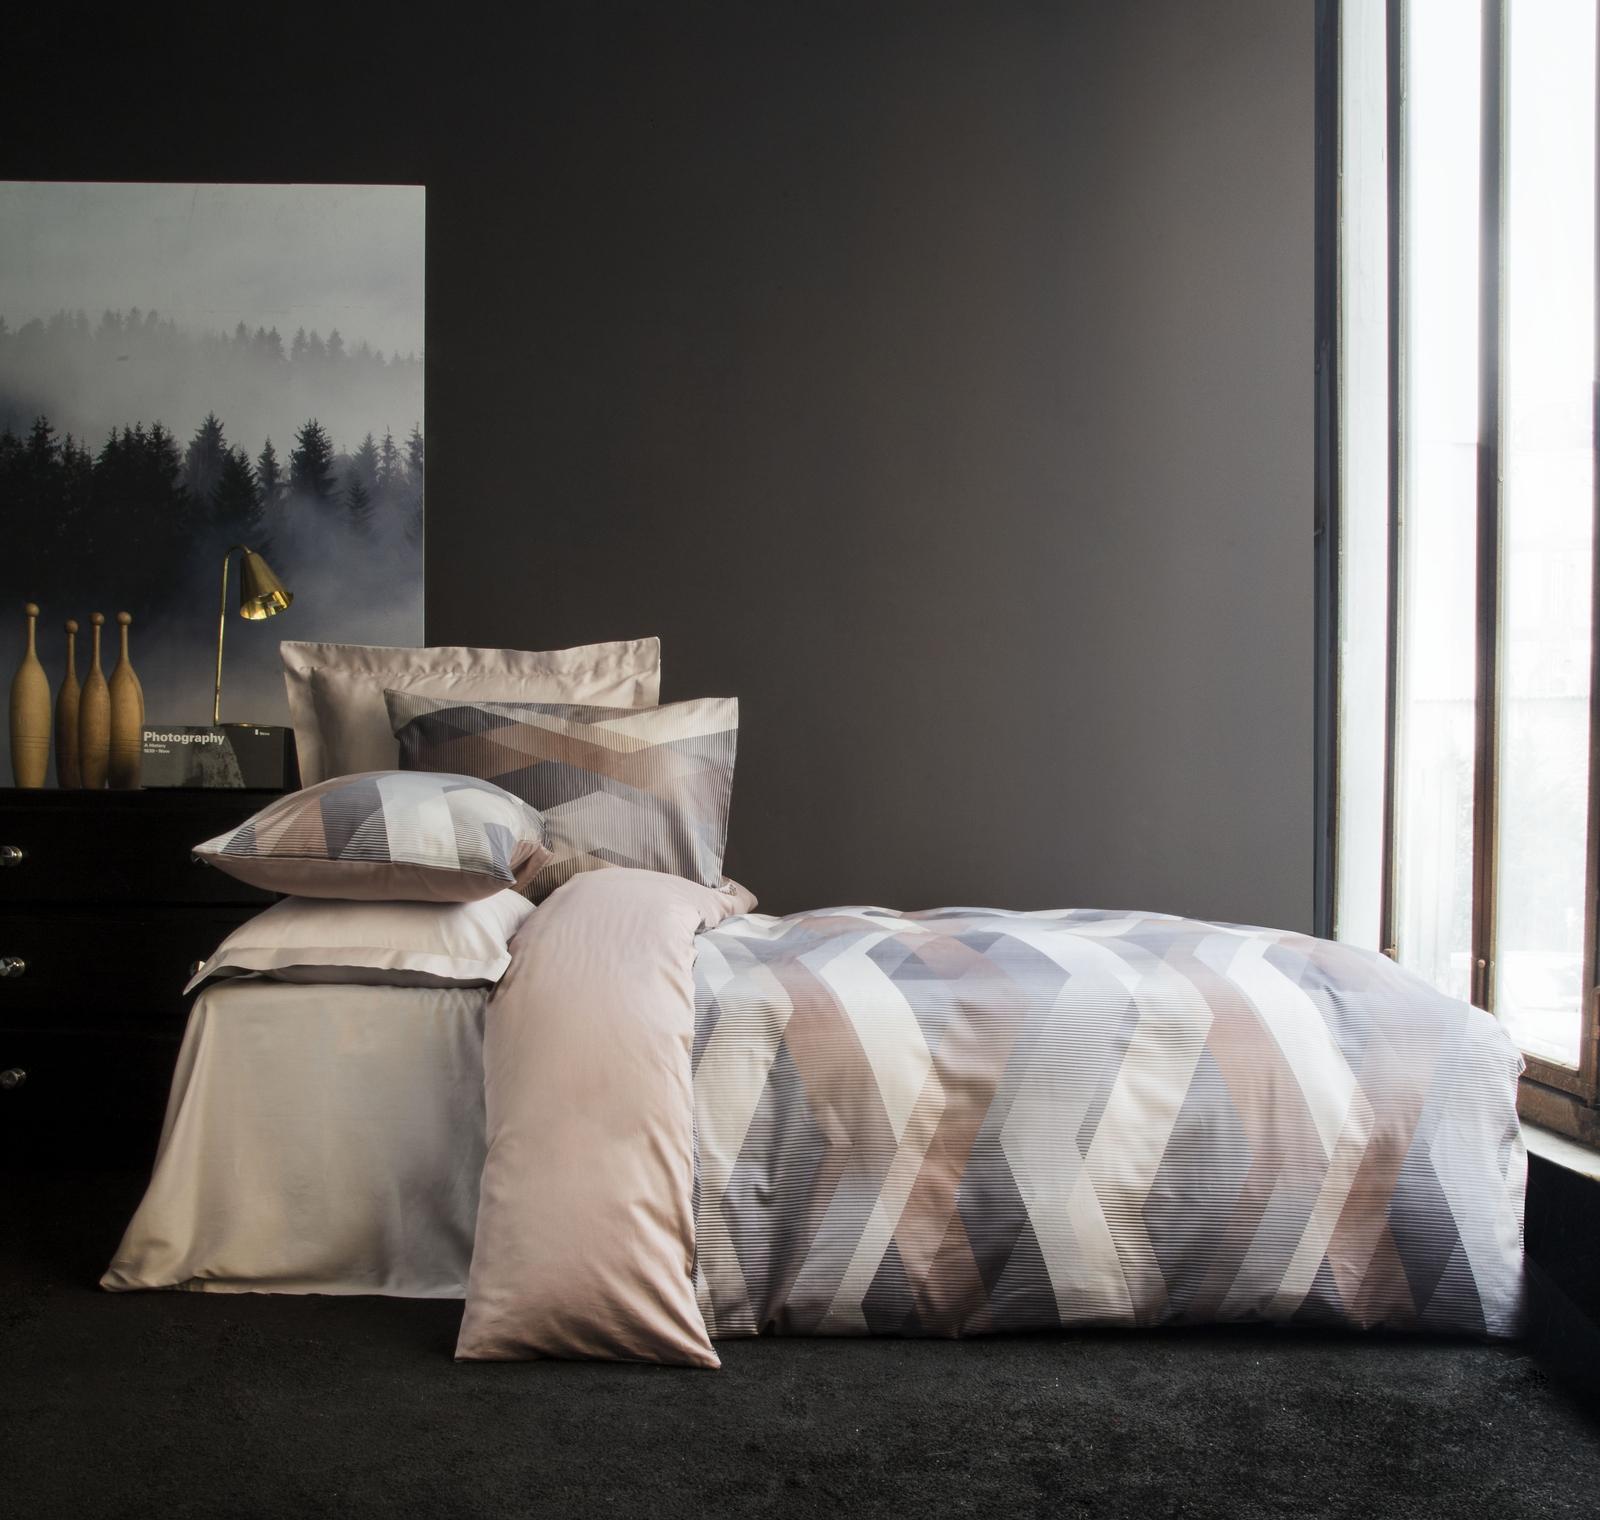 цена на Комплект белья Issimo Home Helix, 1,5-спальный, наволочки 50x70, цвет: коричневый